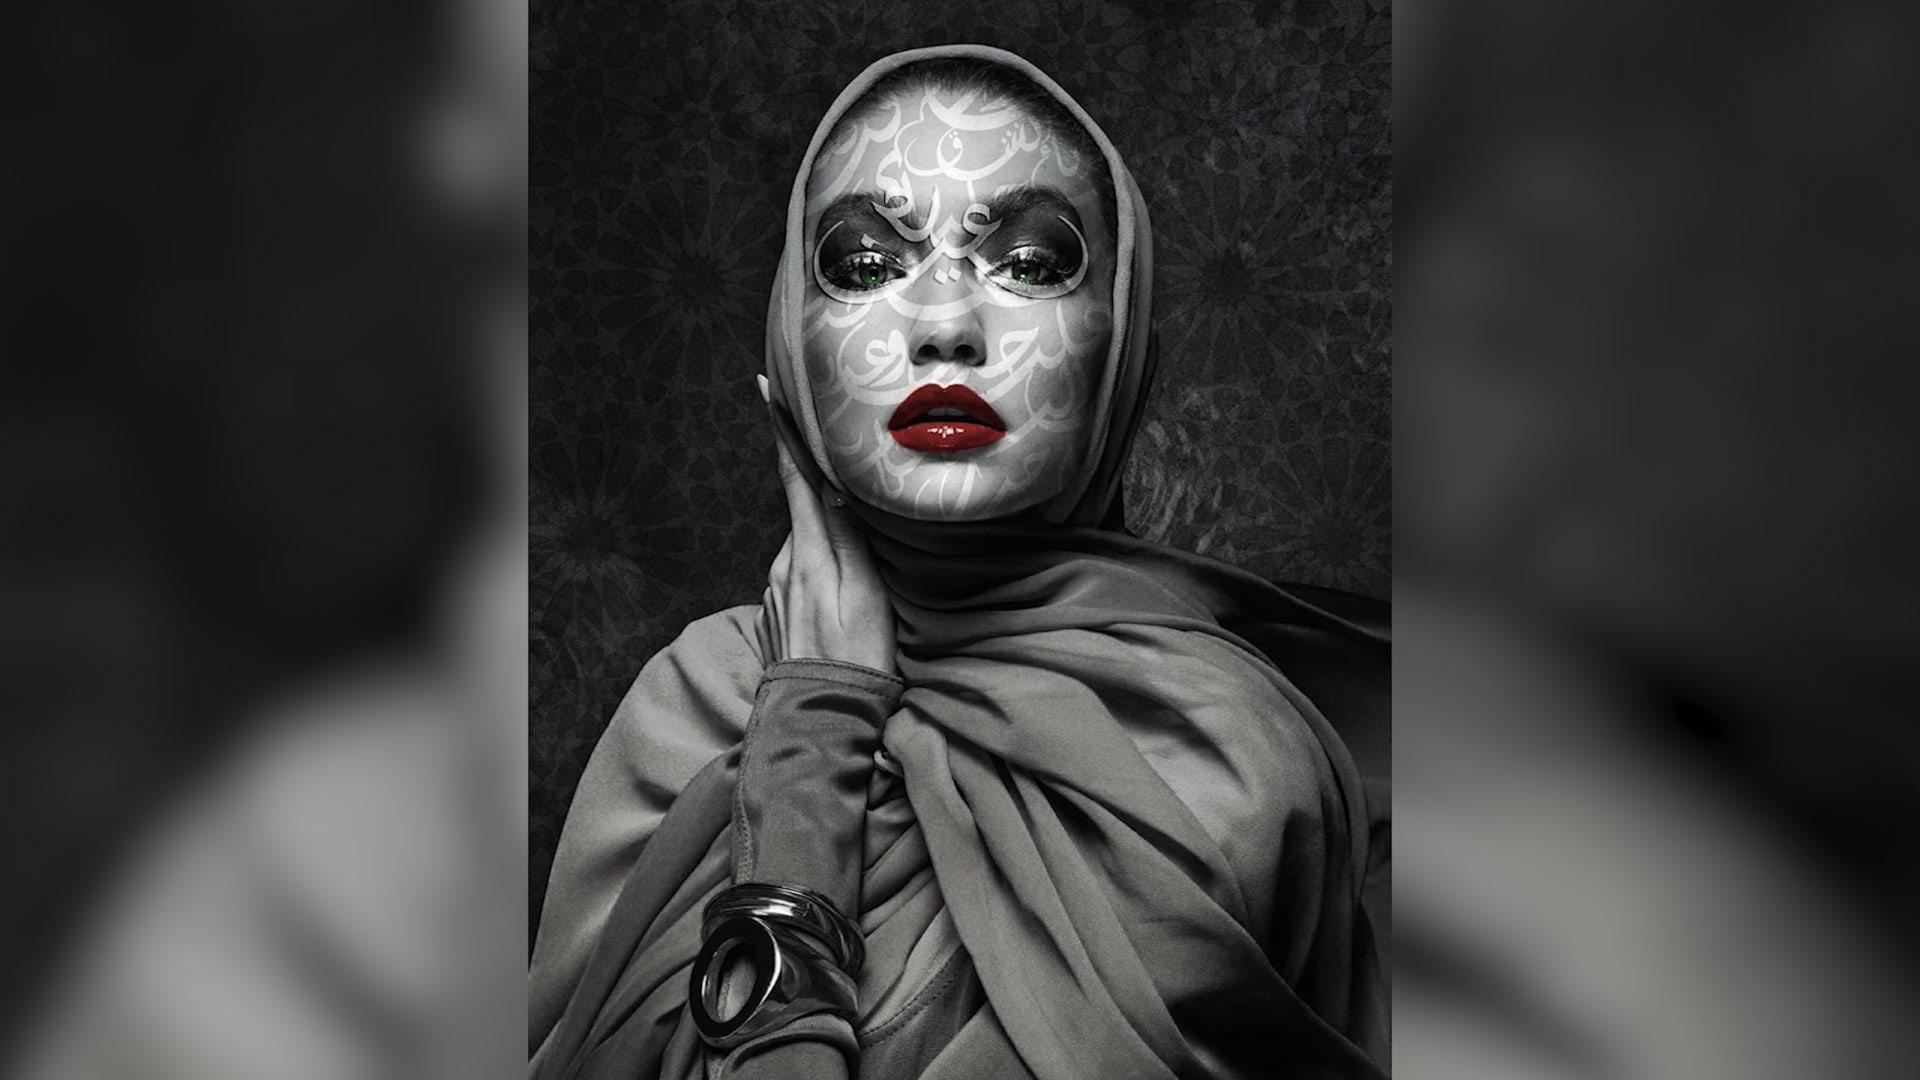 عارضة الأزياء الأمريكية، من أصل فلسطيني، جيجي حديد